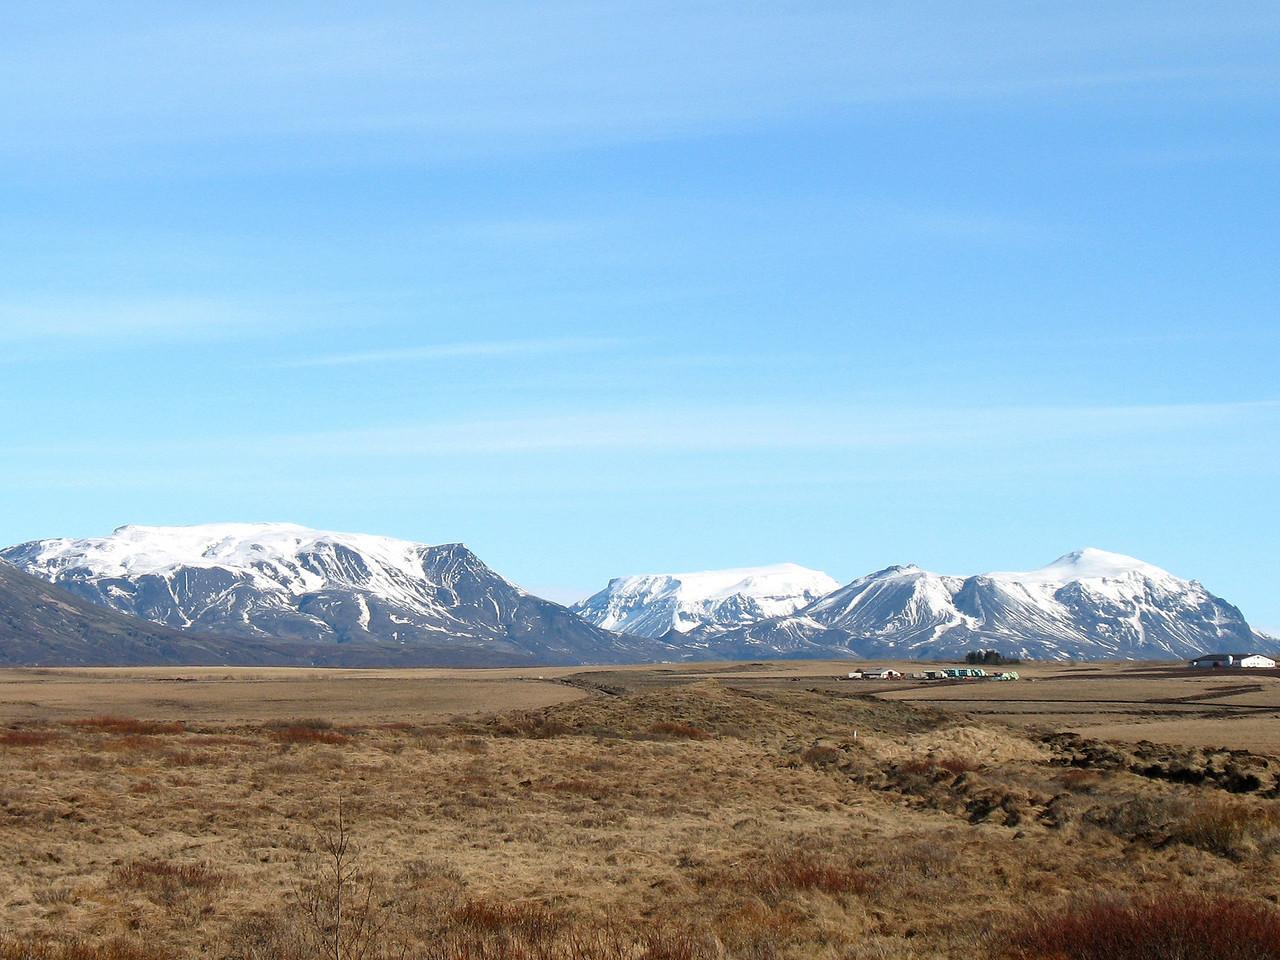 Á leið austur tók ég þessa mynd af Rauðafelli, Hlöðufelli og Högnhöfða.